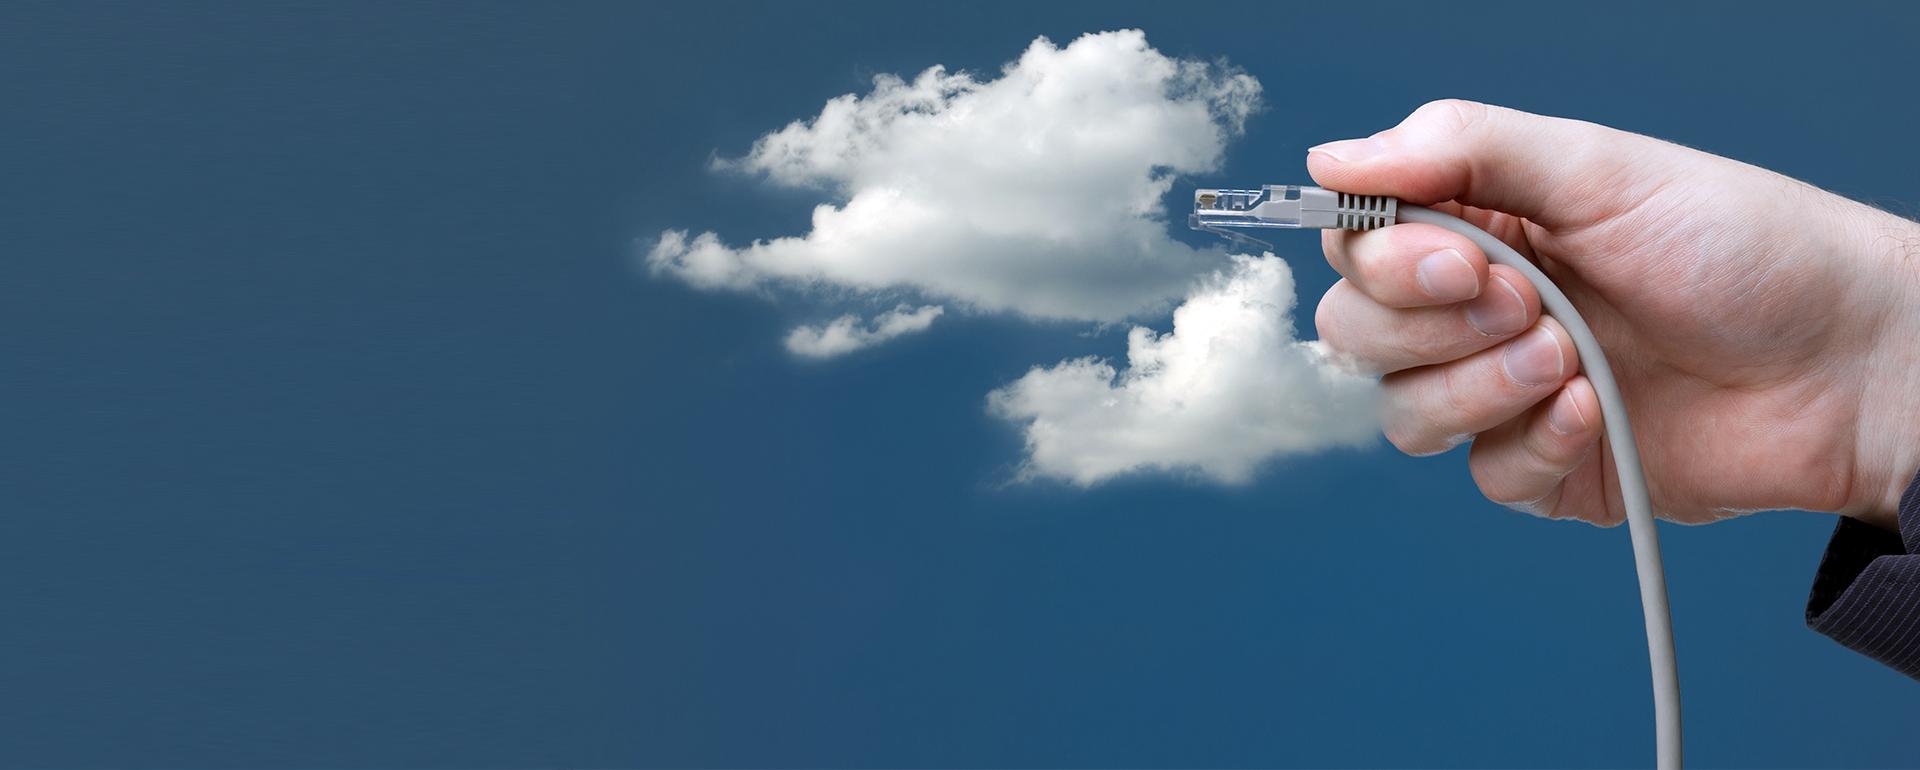 התחבר לענן שלך מכל מקום בעולם Copy